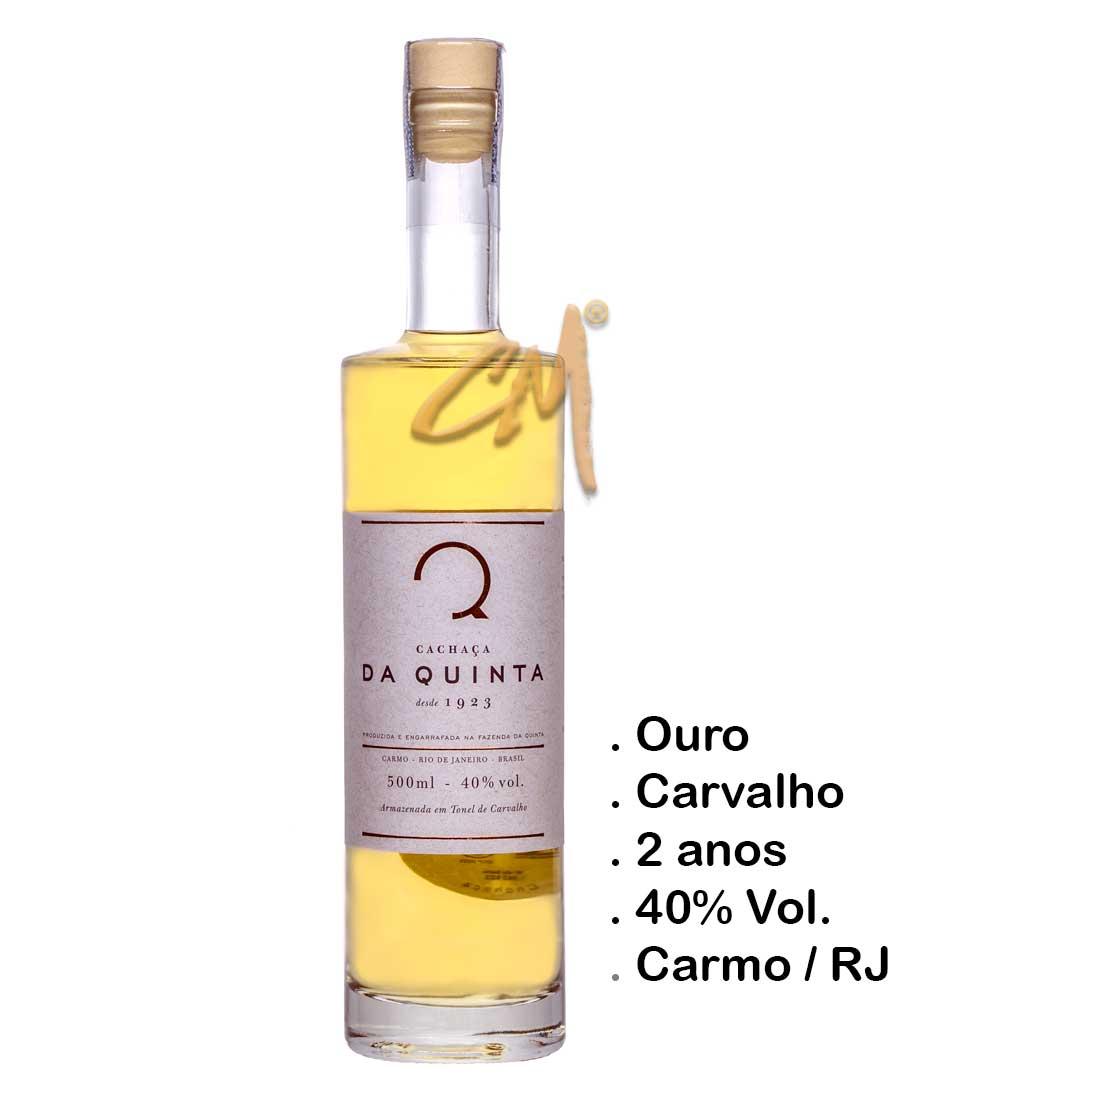 Cachaça Da Quinta Carvalho 500 ml (Carmo - RJ)